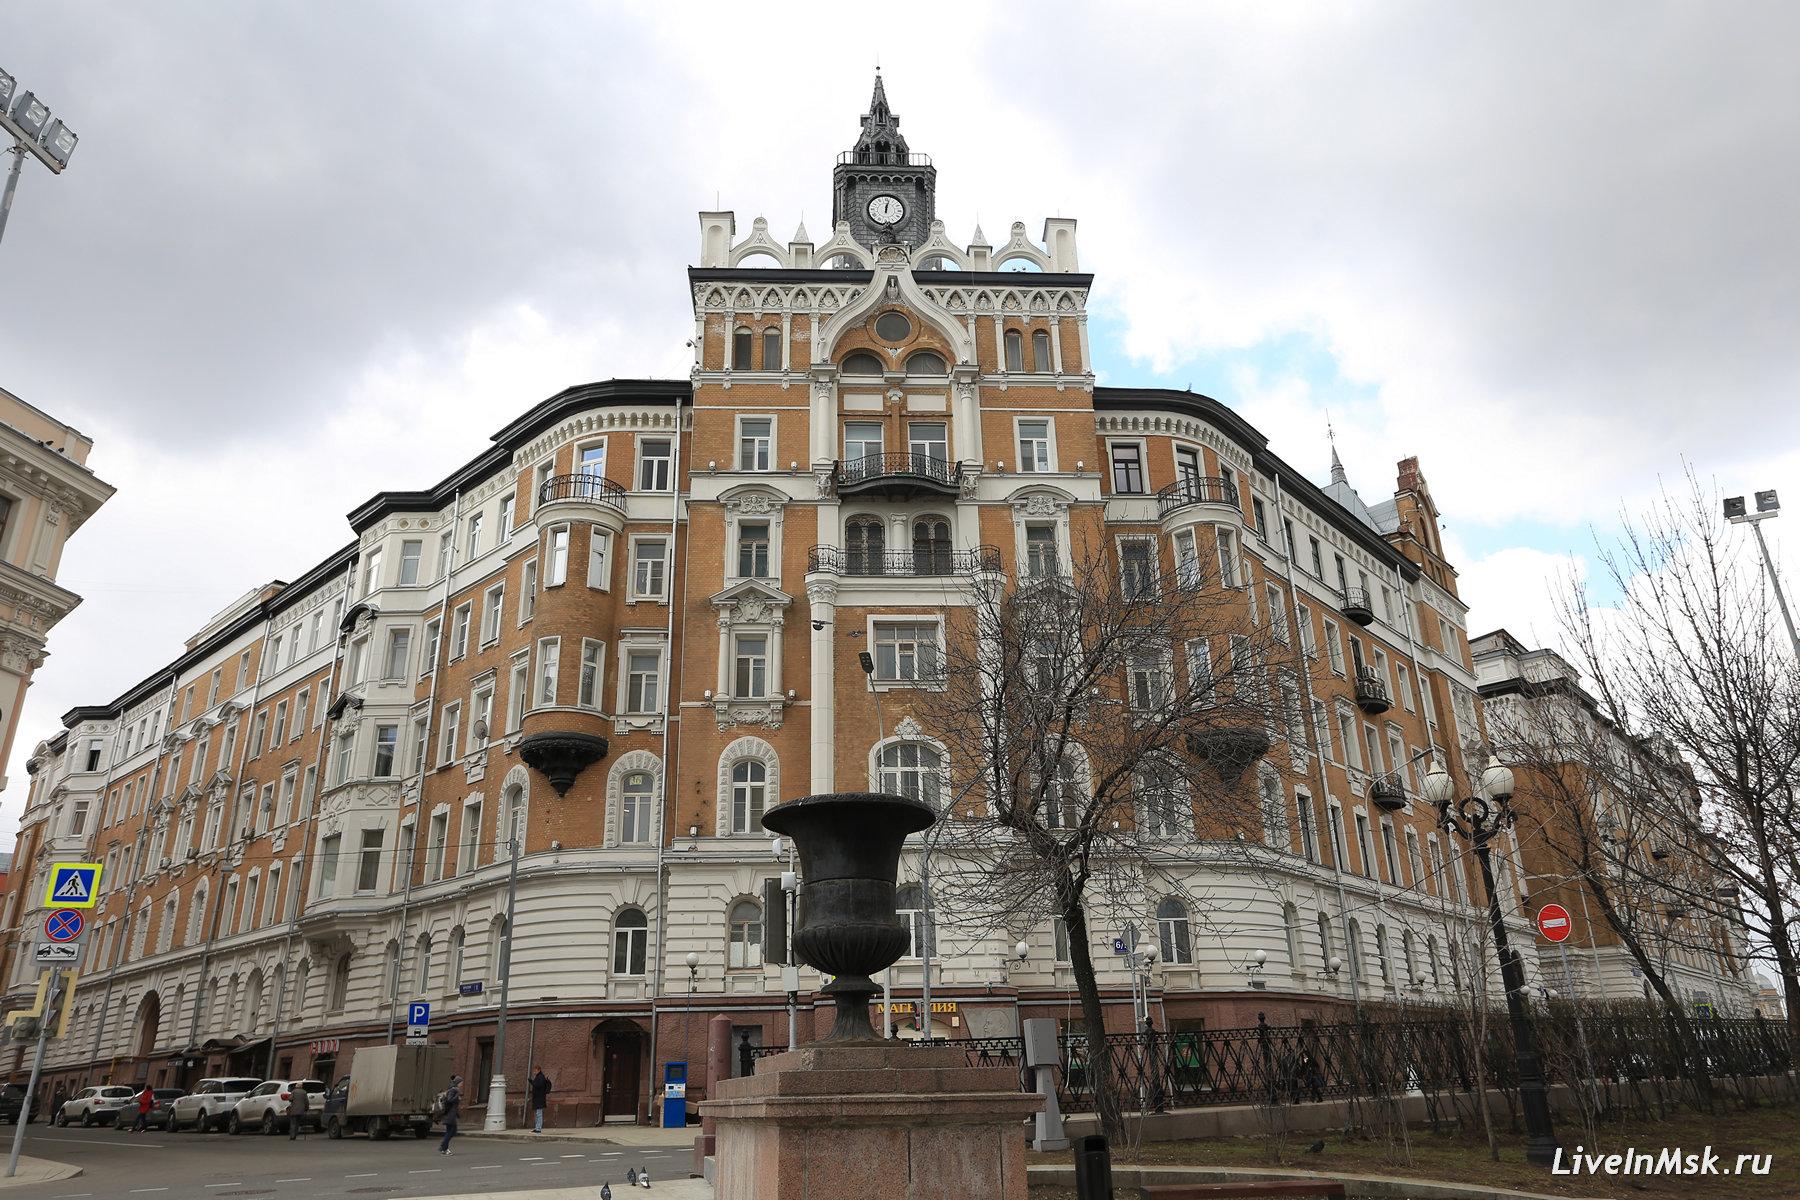 Дом страхового общества «Россия», фото 2017 года.